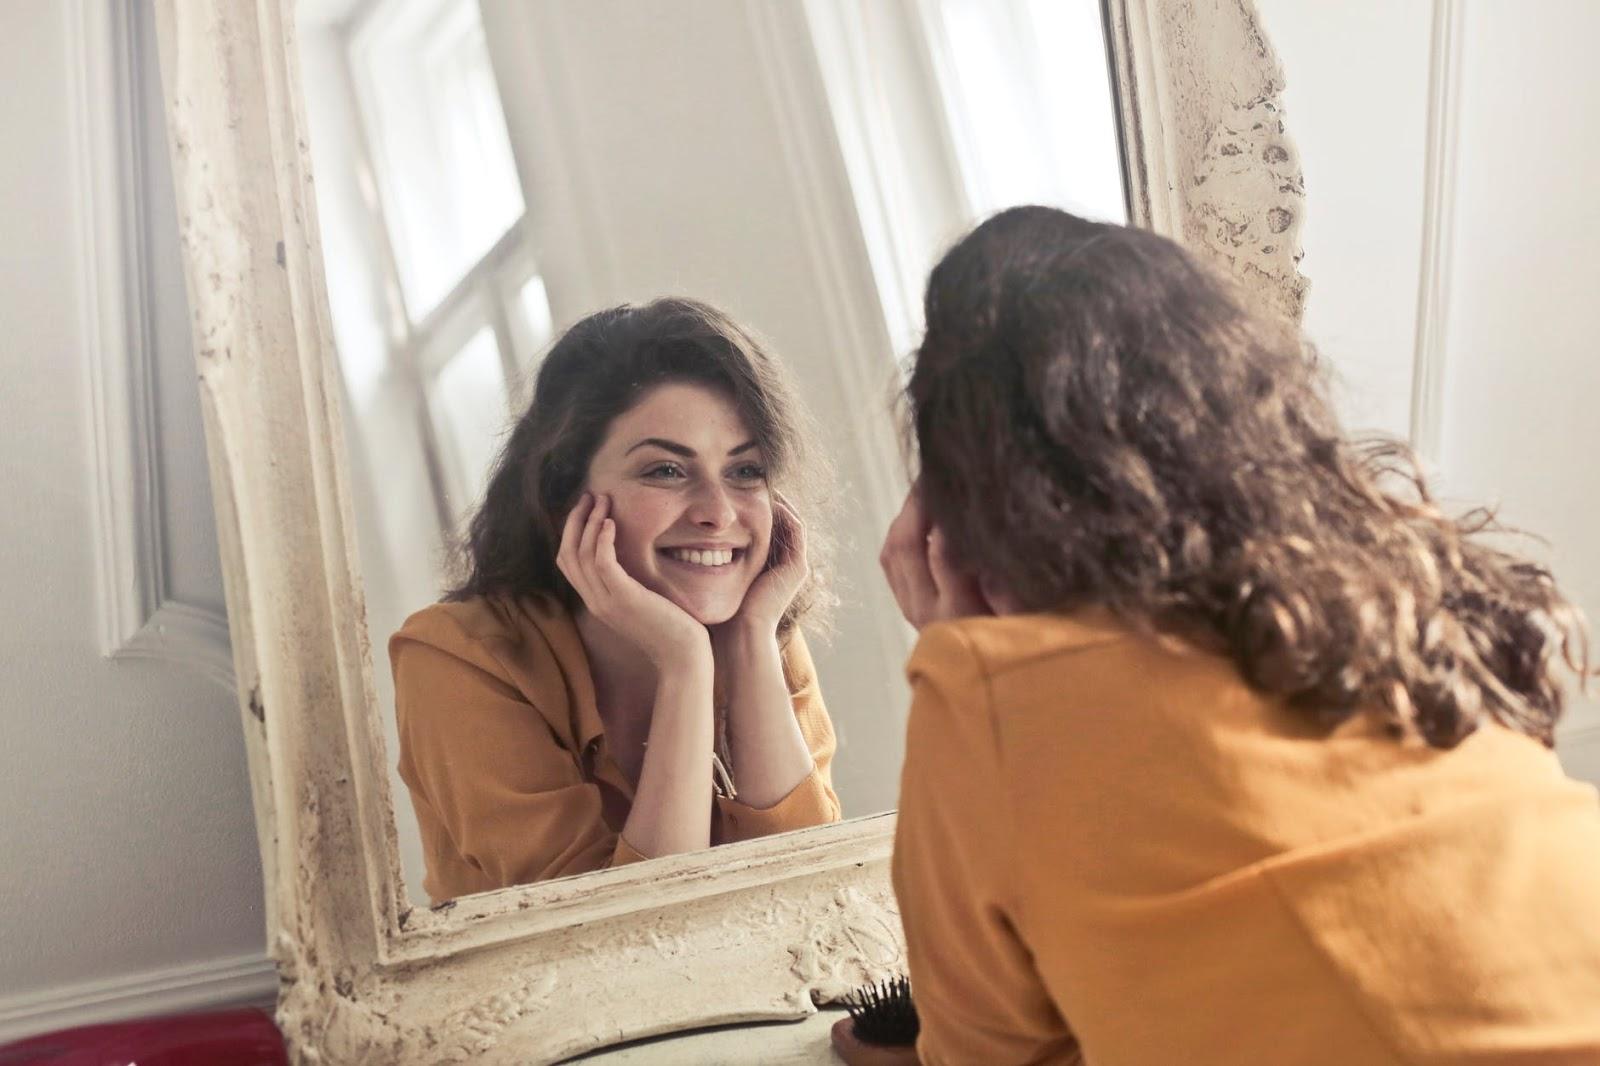 اعادة استخدام اي مرآة قديمة في المنزل بطريقة ذكية